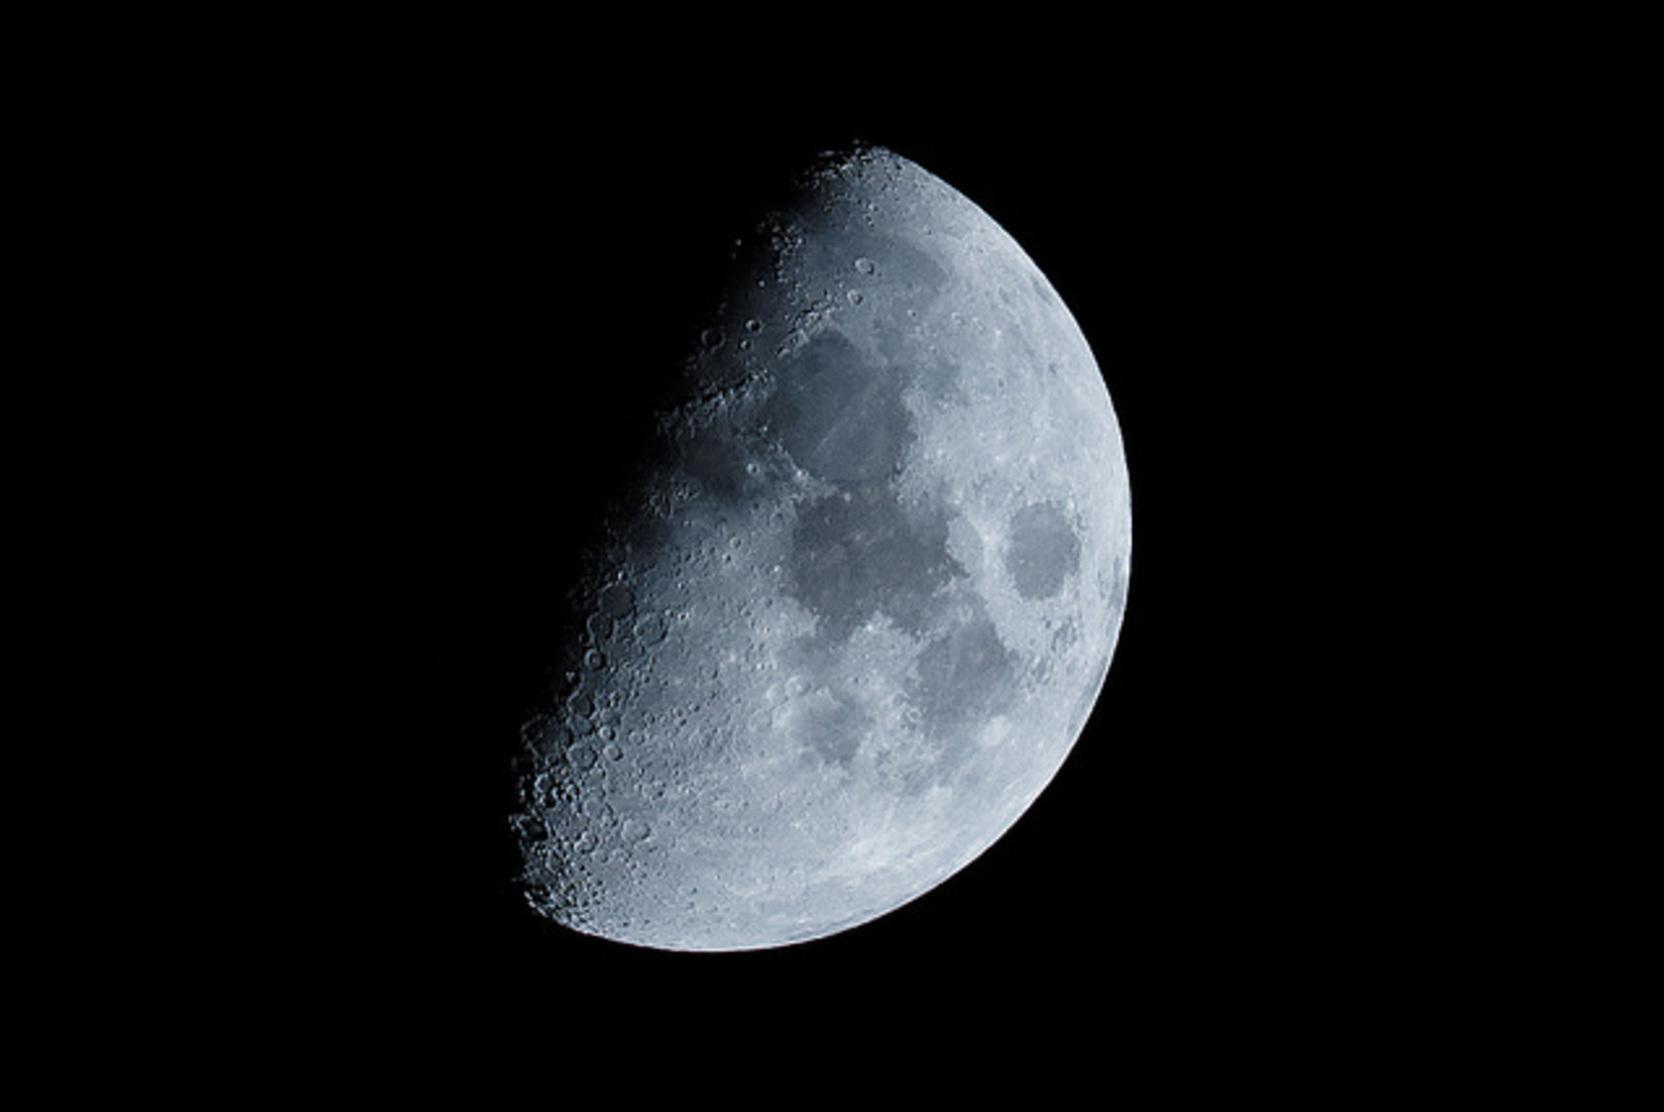 Новый пилотируемый корабль «Орел» будет способен летать вокруг Луны до полугода